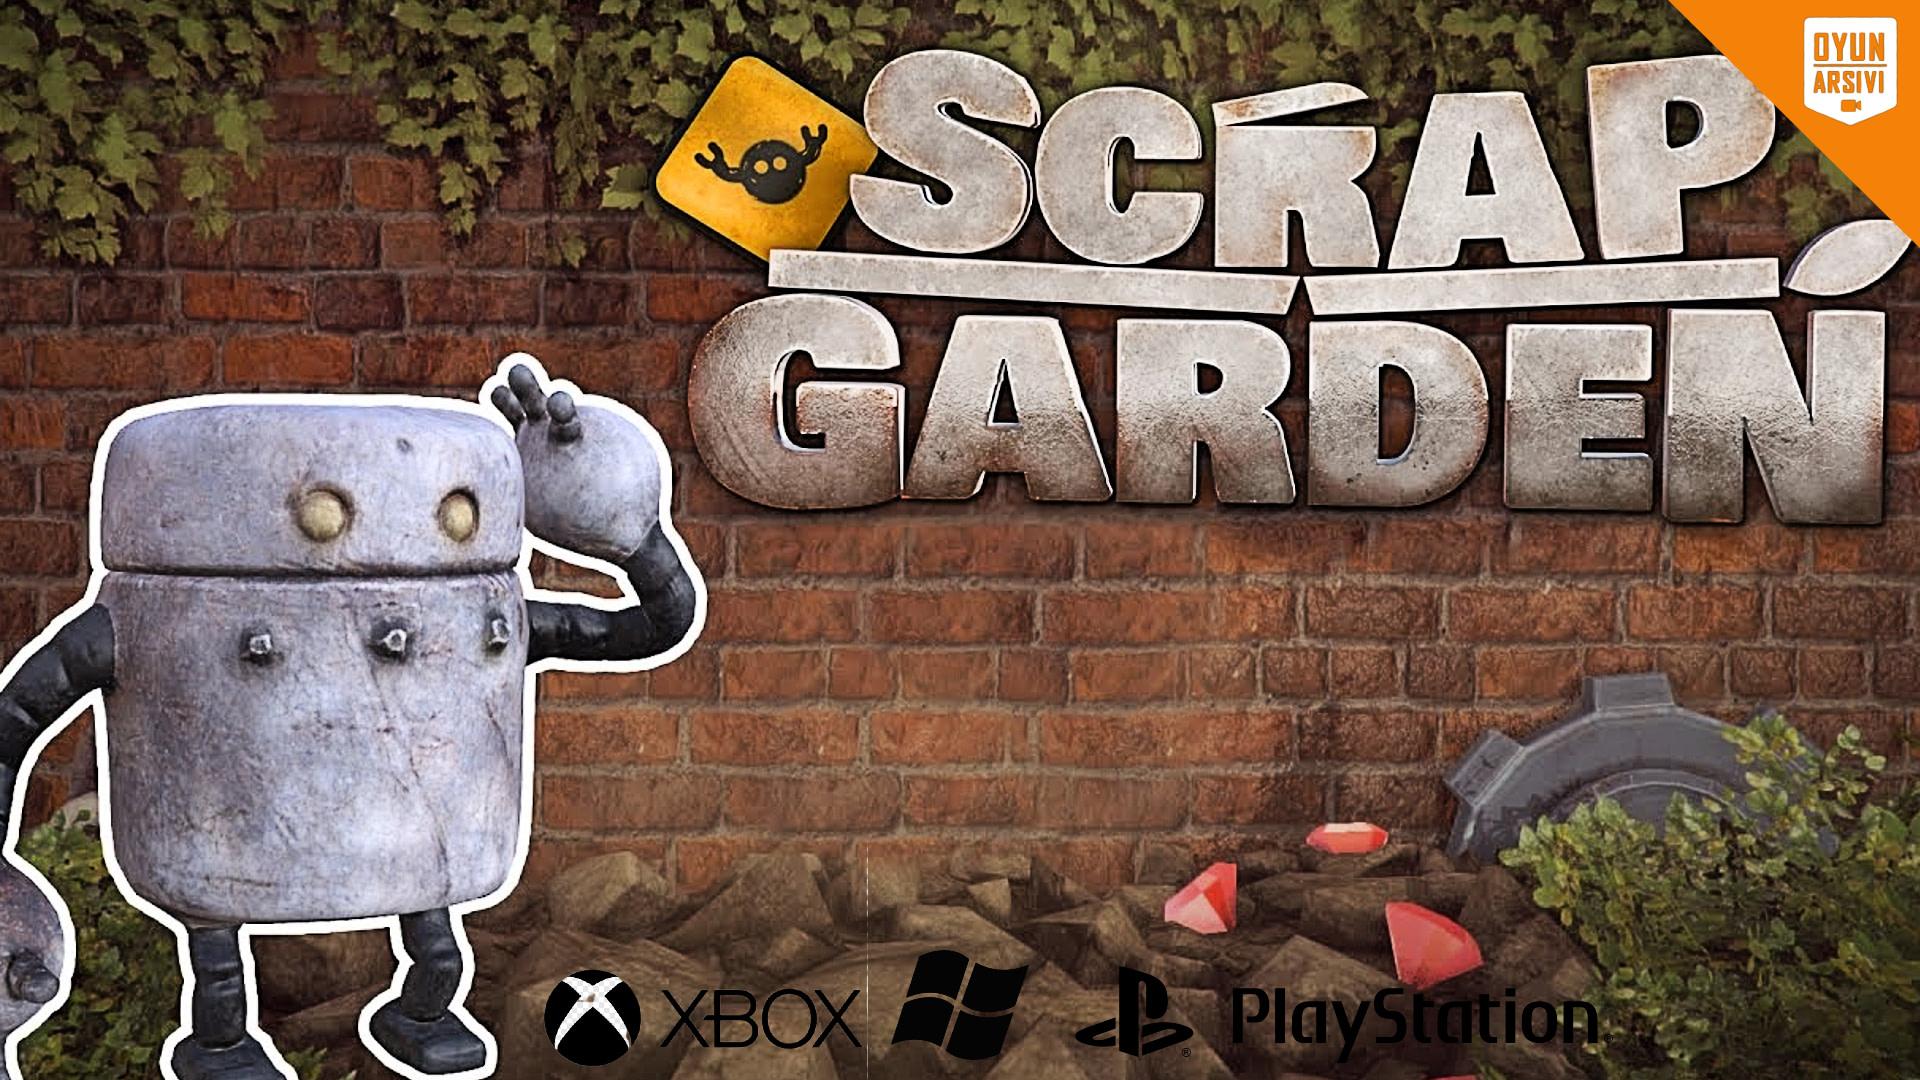 Scrap Garden Çıkış Fragmanı Oyun Arşivi